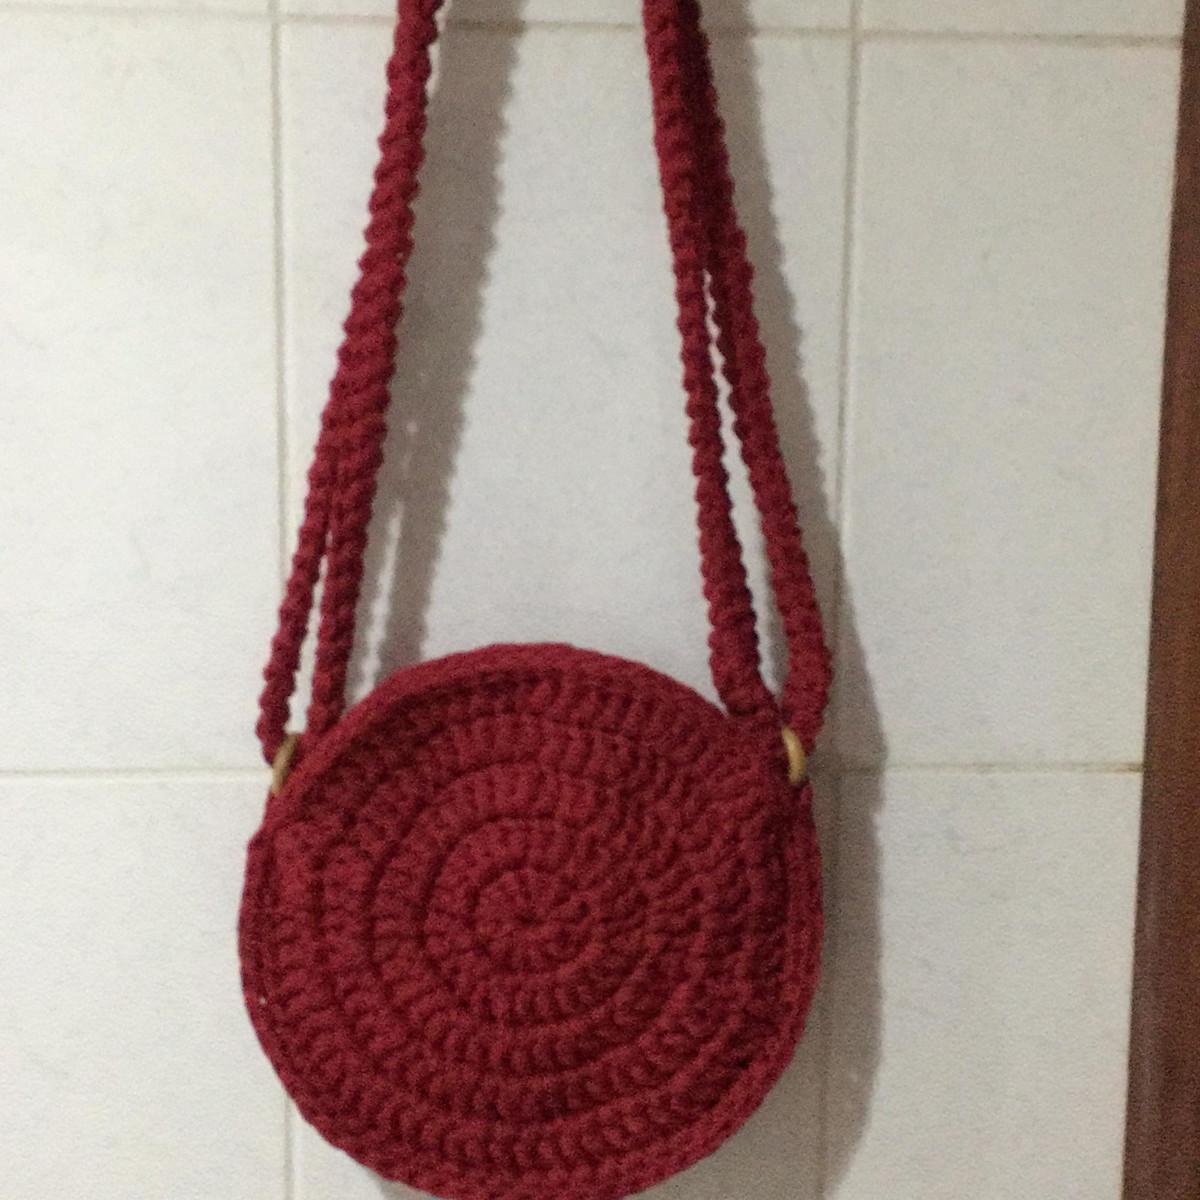 09751c7f8 bolsa-redonda-em-croche-fio-de-malha-boho-alca